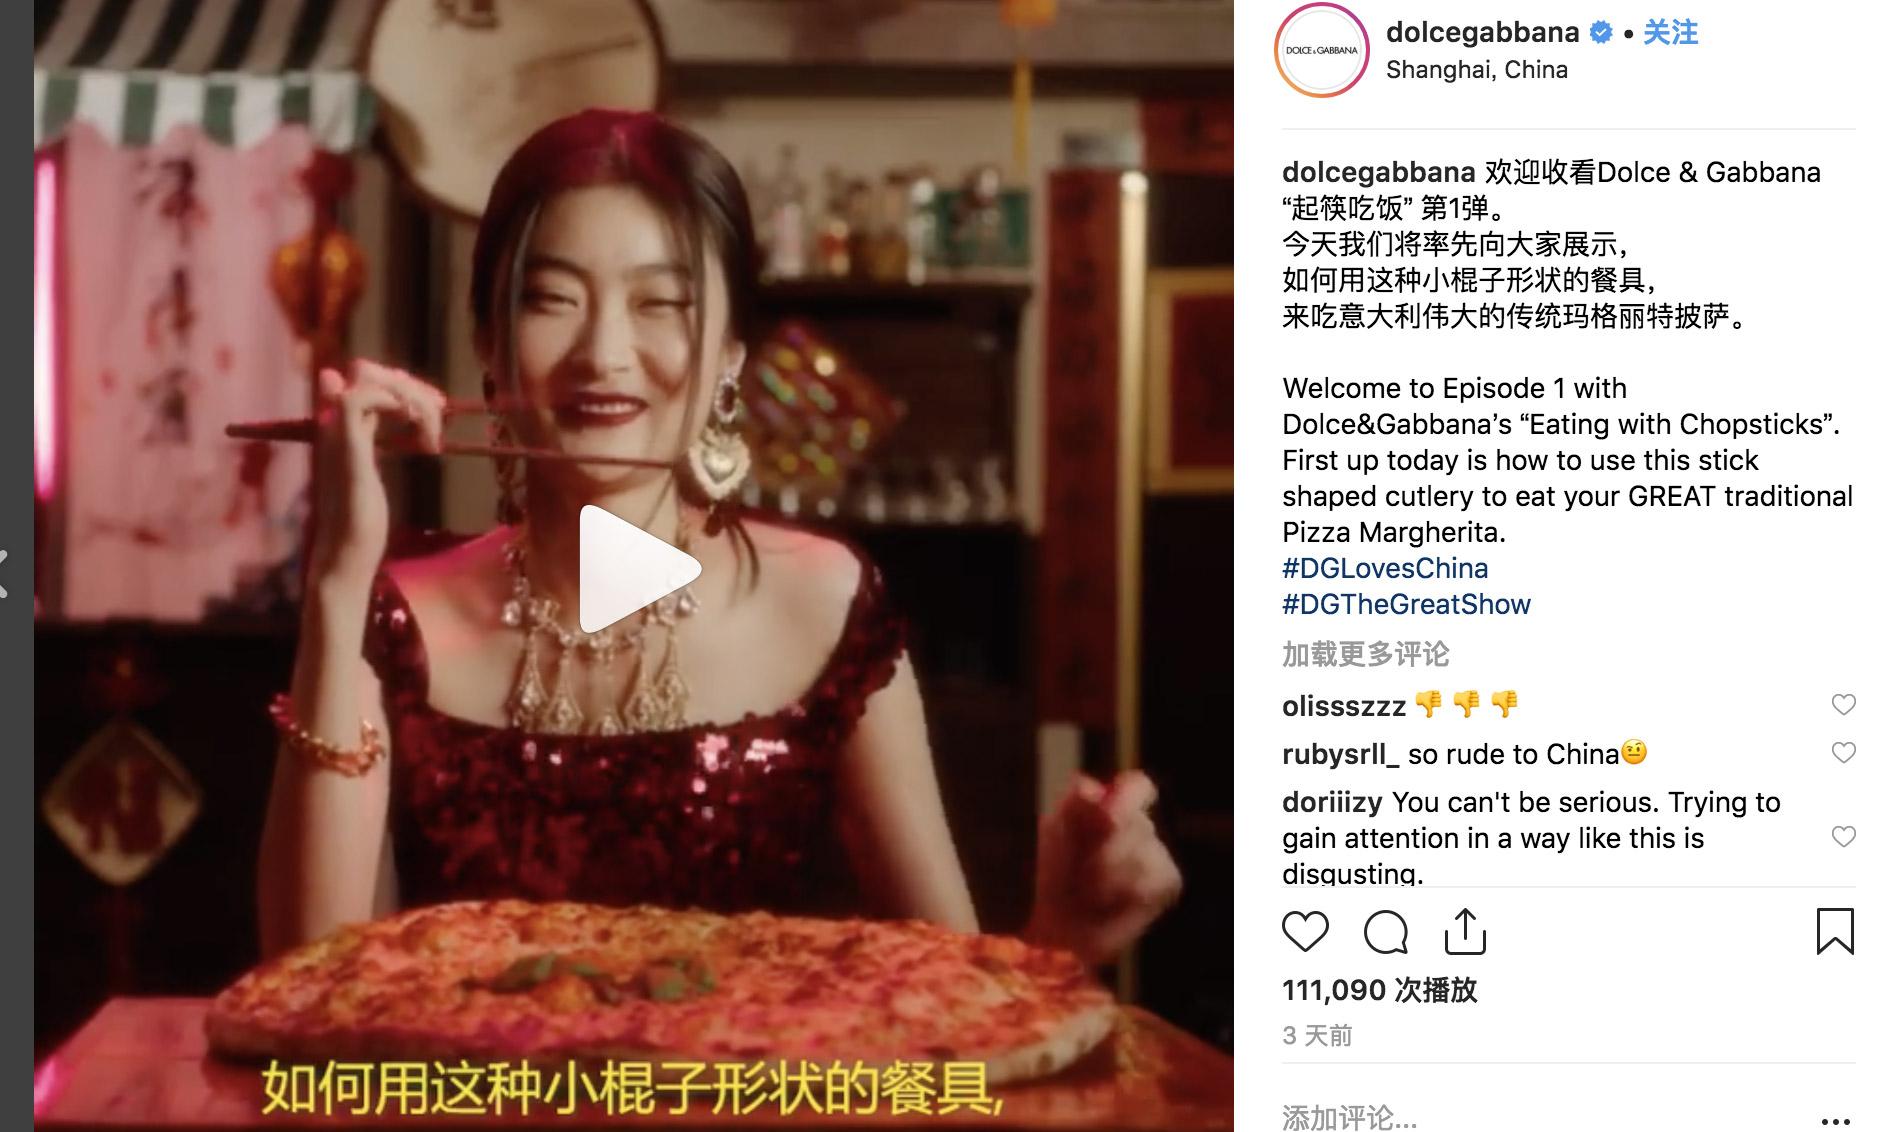 上海大秀在即,Dolce & Gabbana 竟然涉嫌歧视中国